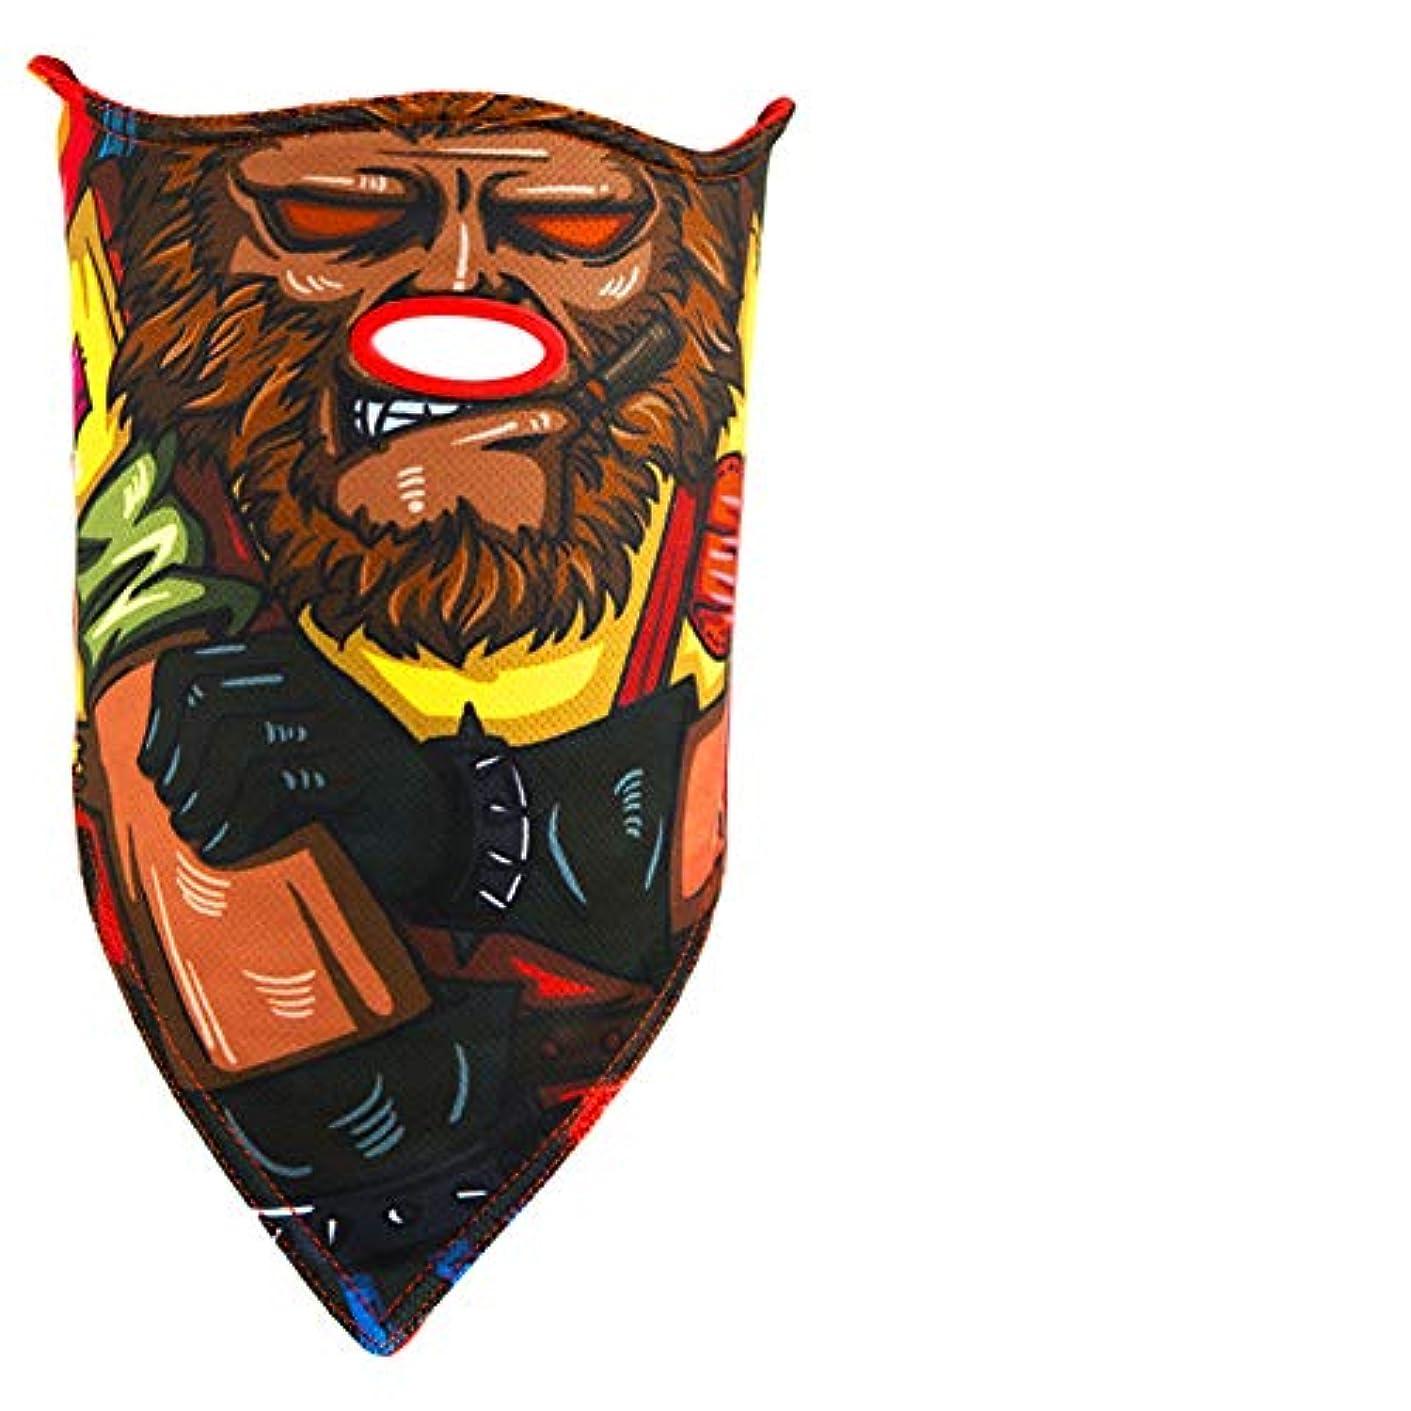 ごちそう構成暴露コールドマスク、スキーマスク、子供のシングルとダブルボードスキー、通気性、厚さ、防風、暖かい、顔、男の子と少女,B